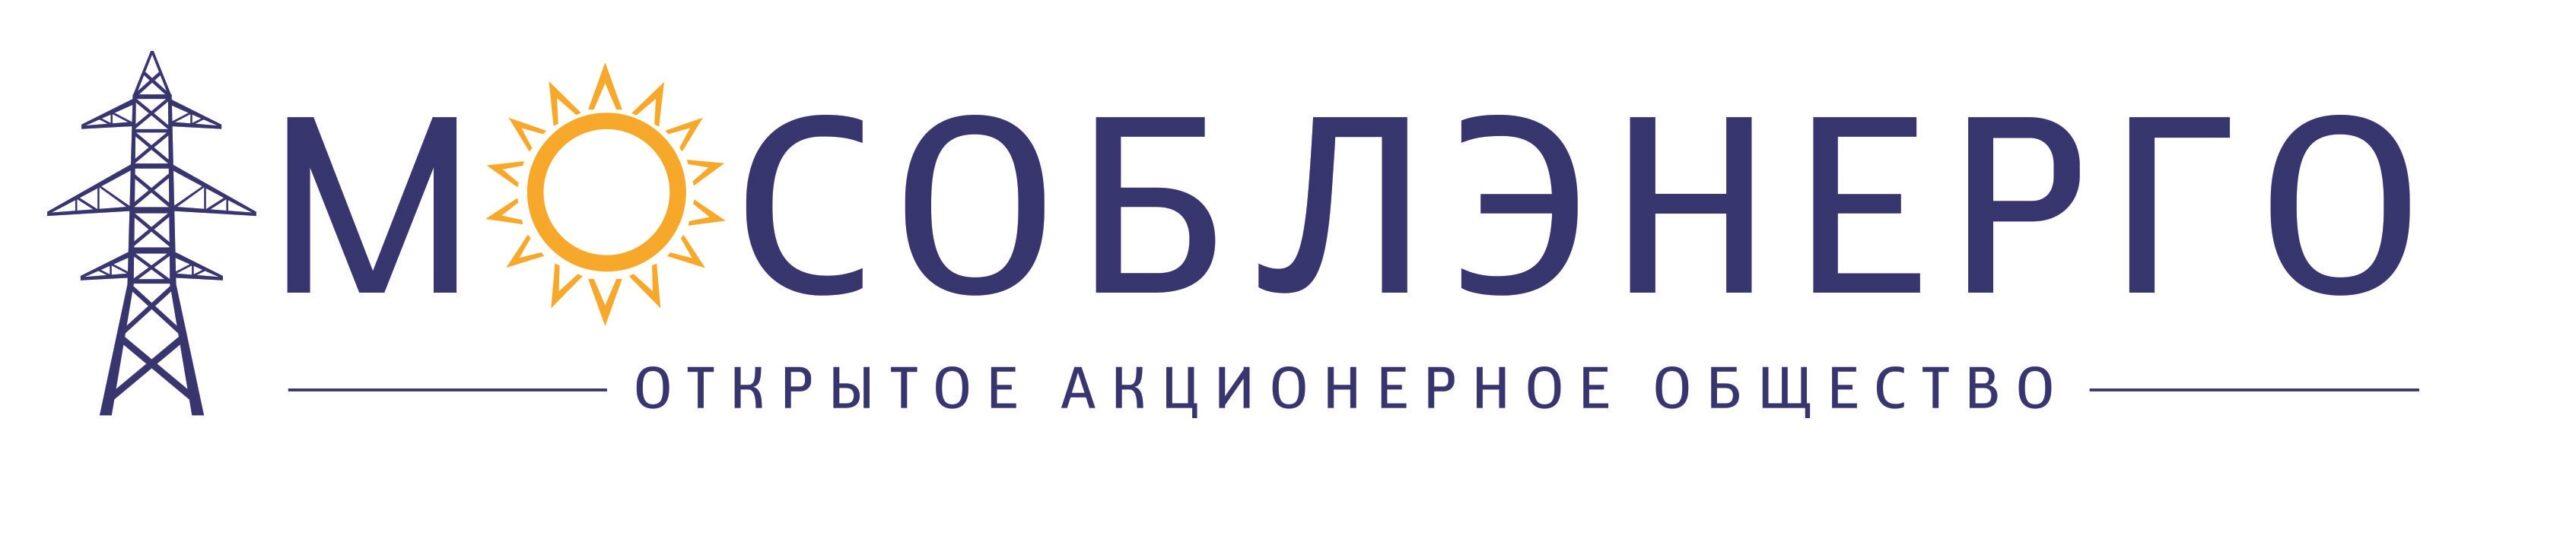 АО «Мособлэнерго»